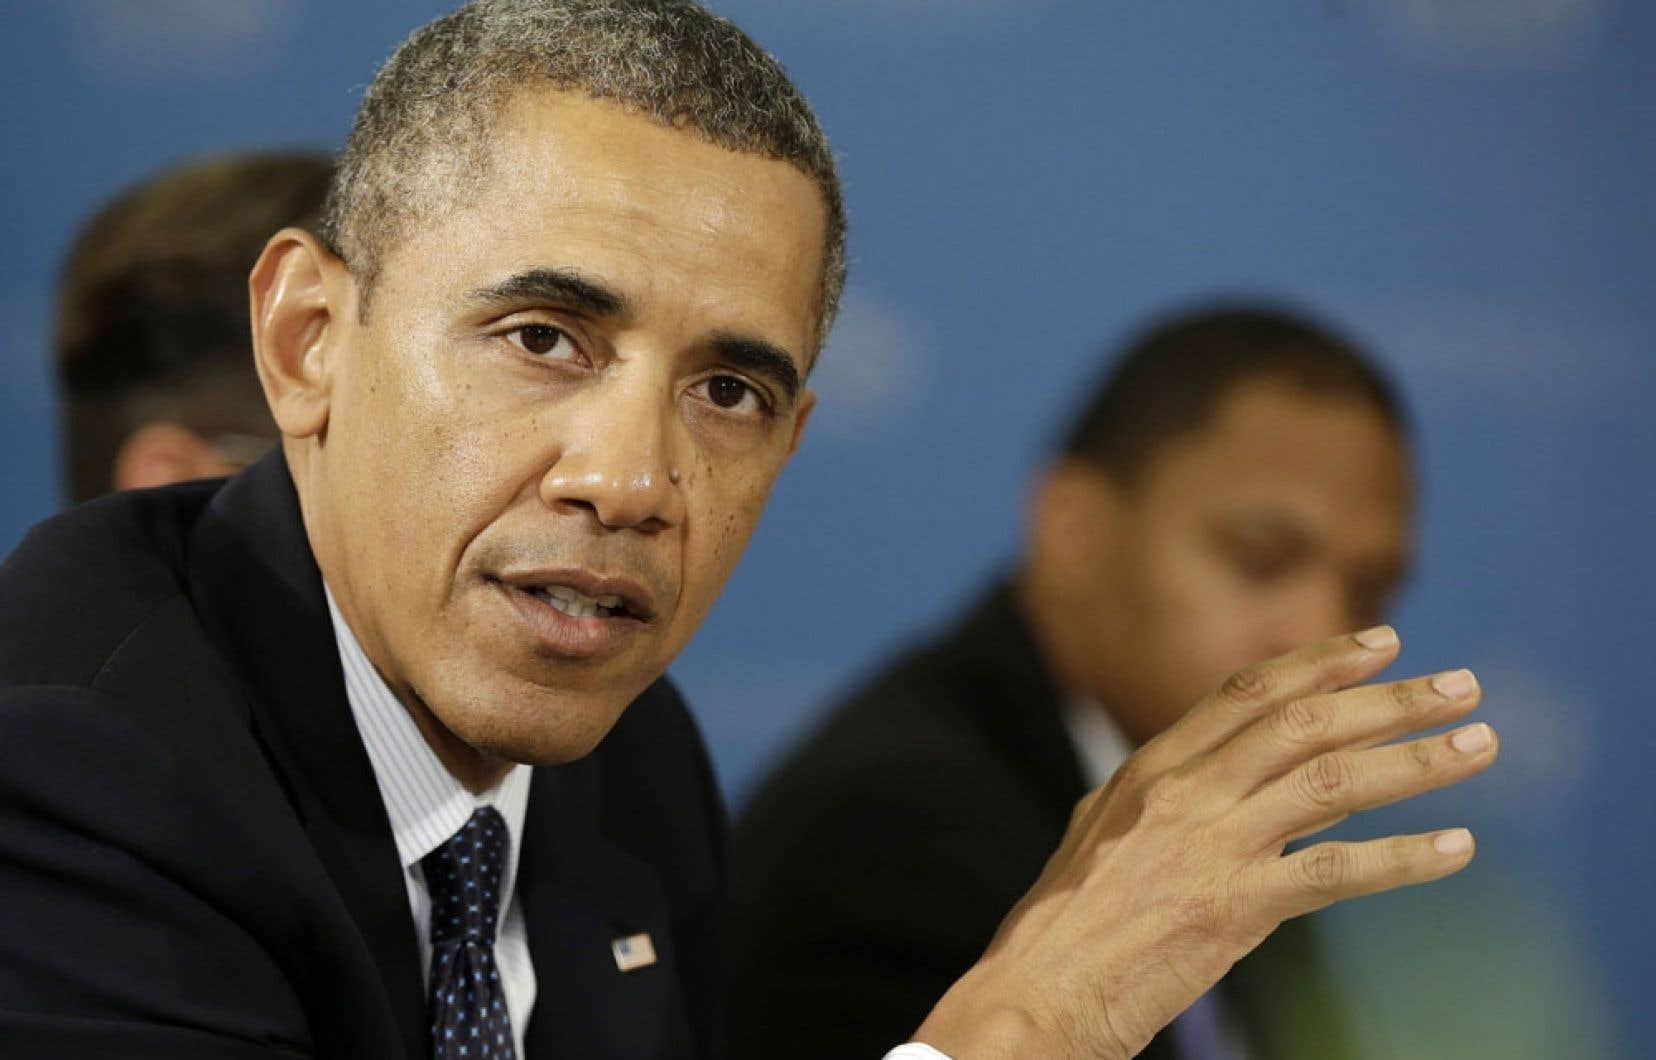 Le président des États-Unis Barack Obama a parlé d'un développement «potentiellement positif» dans le conflit et promis de le prendre «au sérieux».